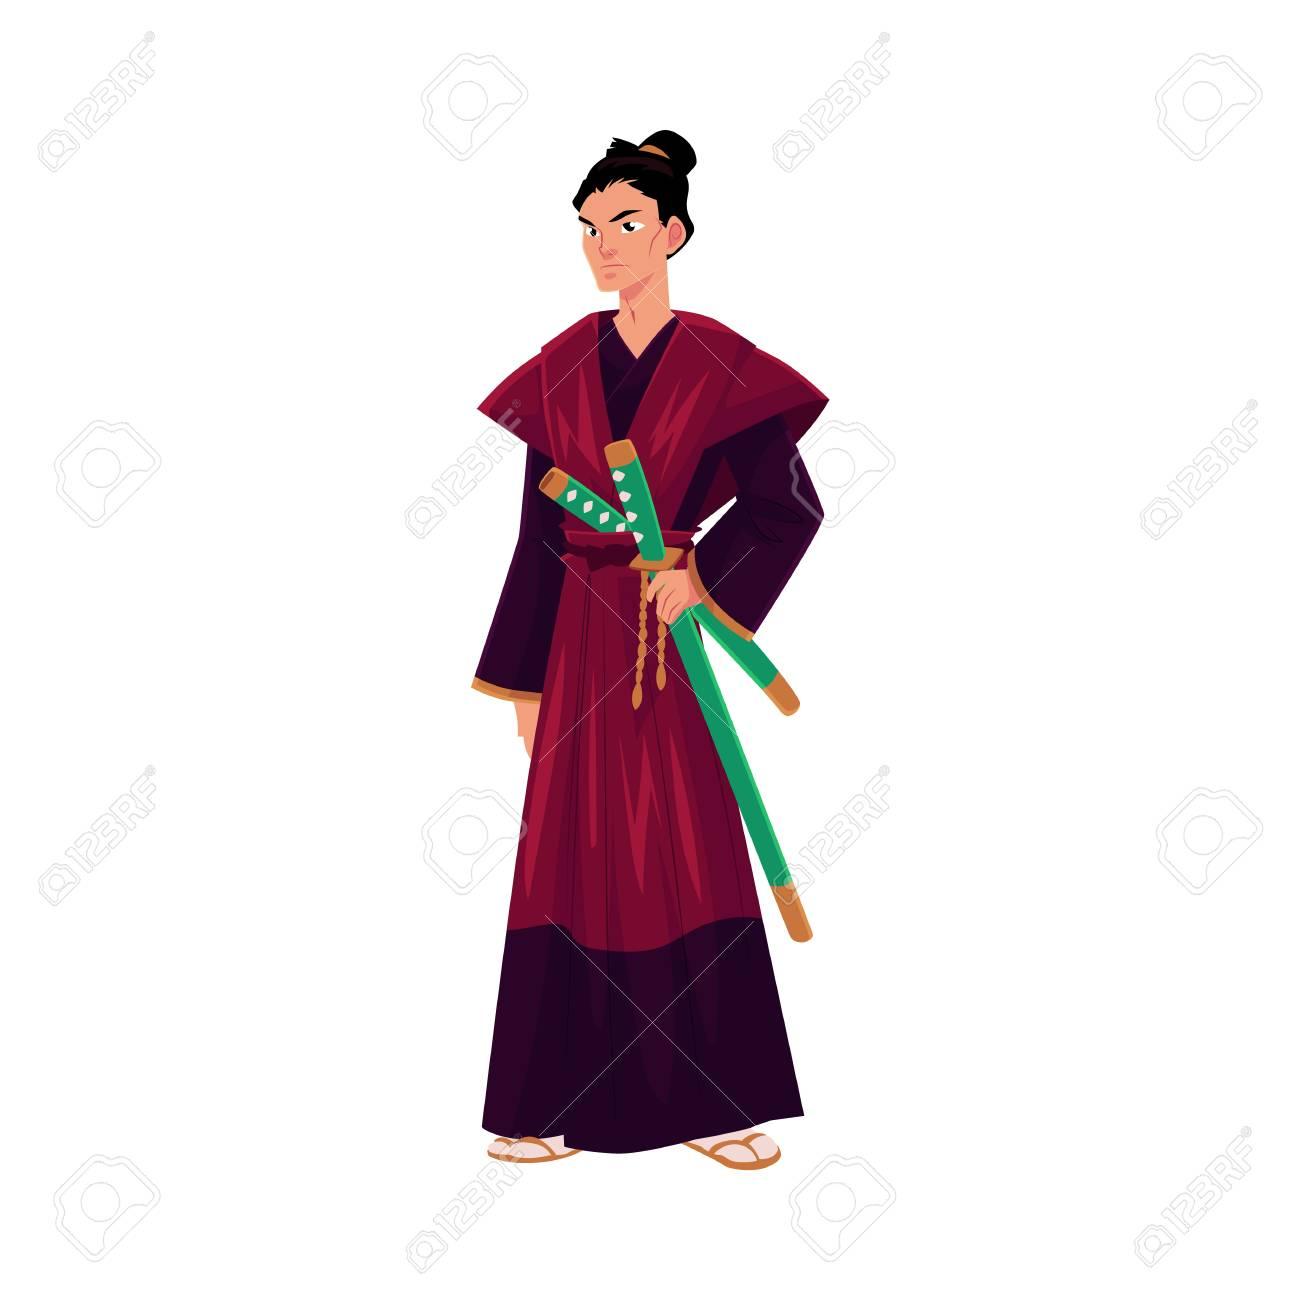 samourai japonais guerrier en kimono traditionnel avec des epees katana symbole du japon illustration de vecteur de dessin anime isole sur fond